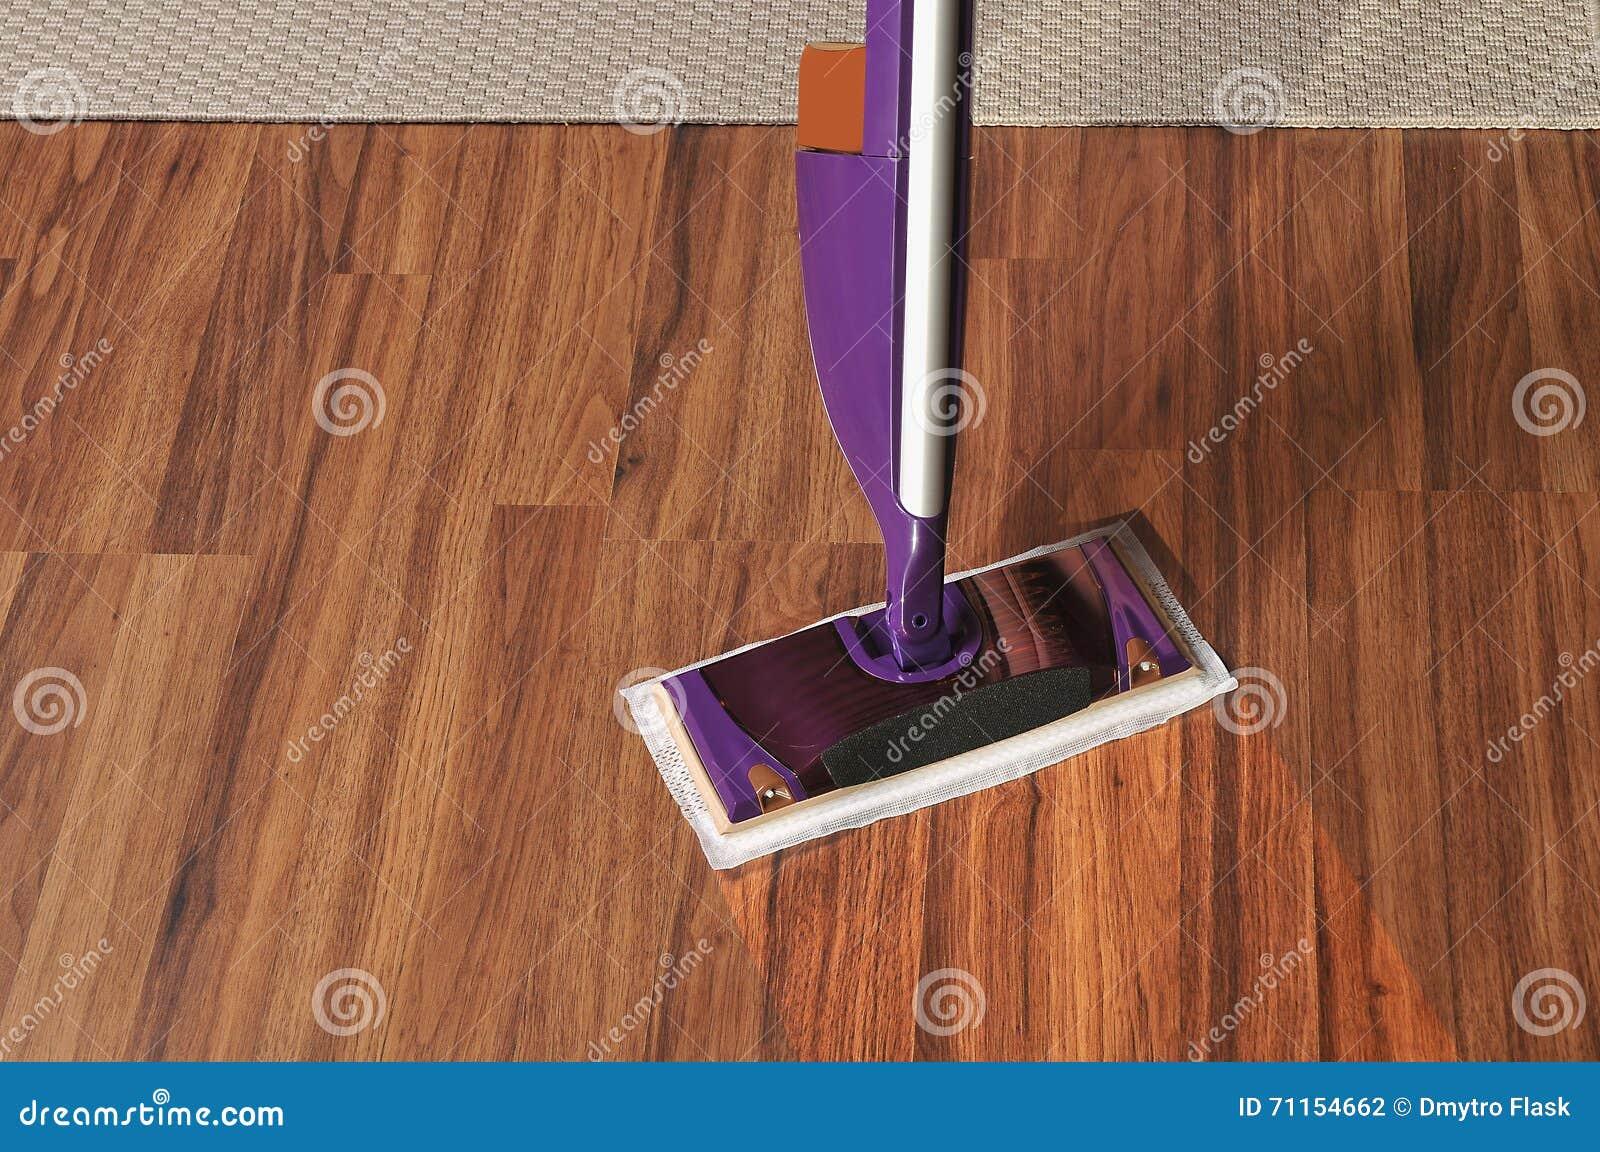 Como limpiar la madera del suelo awesome como limpiar suelos de madera with como limpiar la - Como limpiar el suelo de madera ...